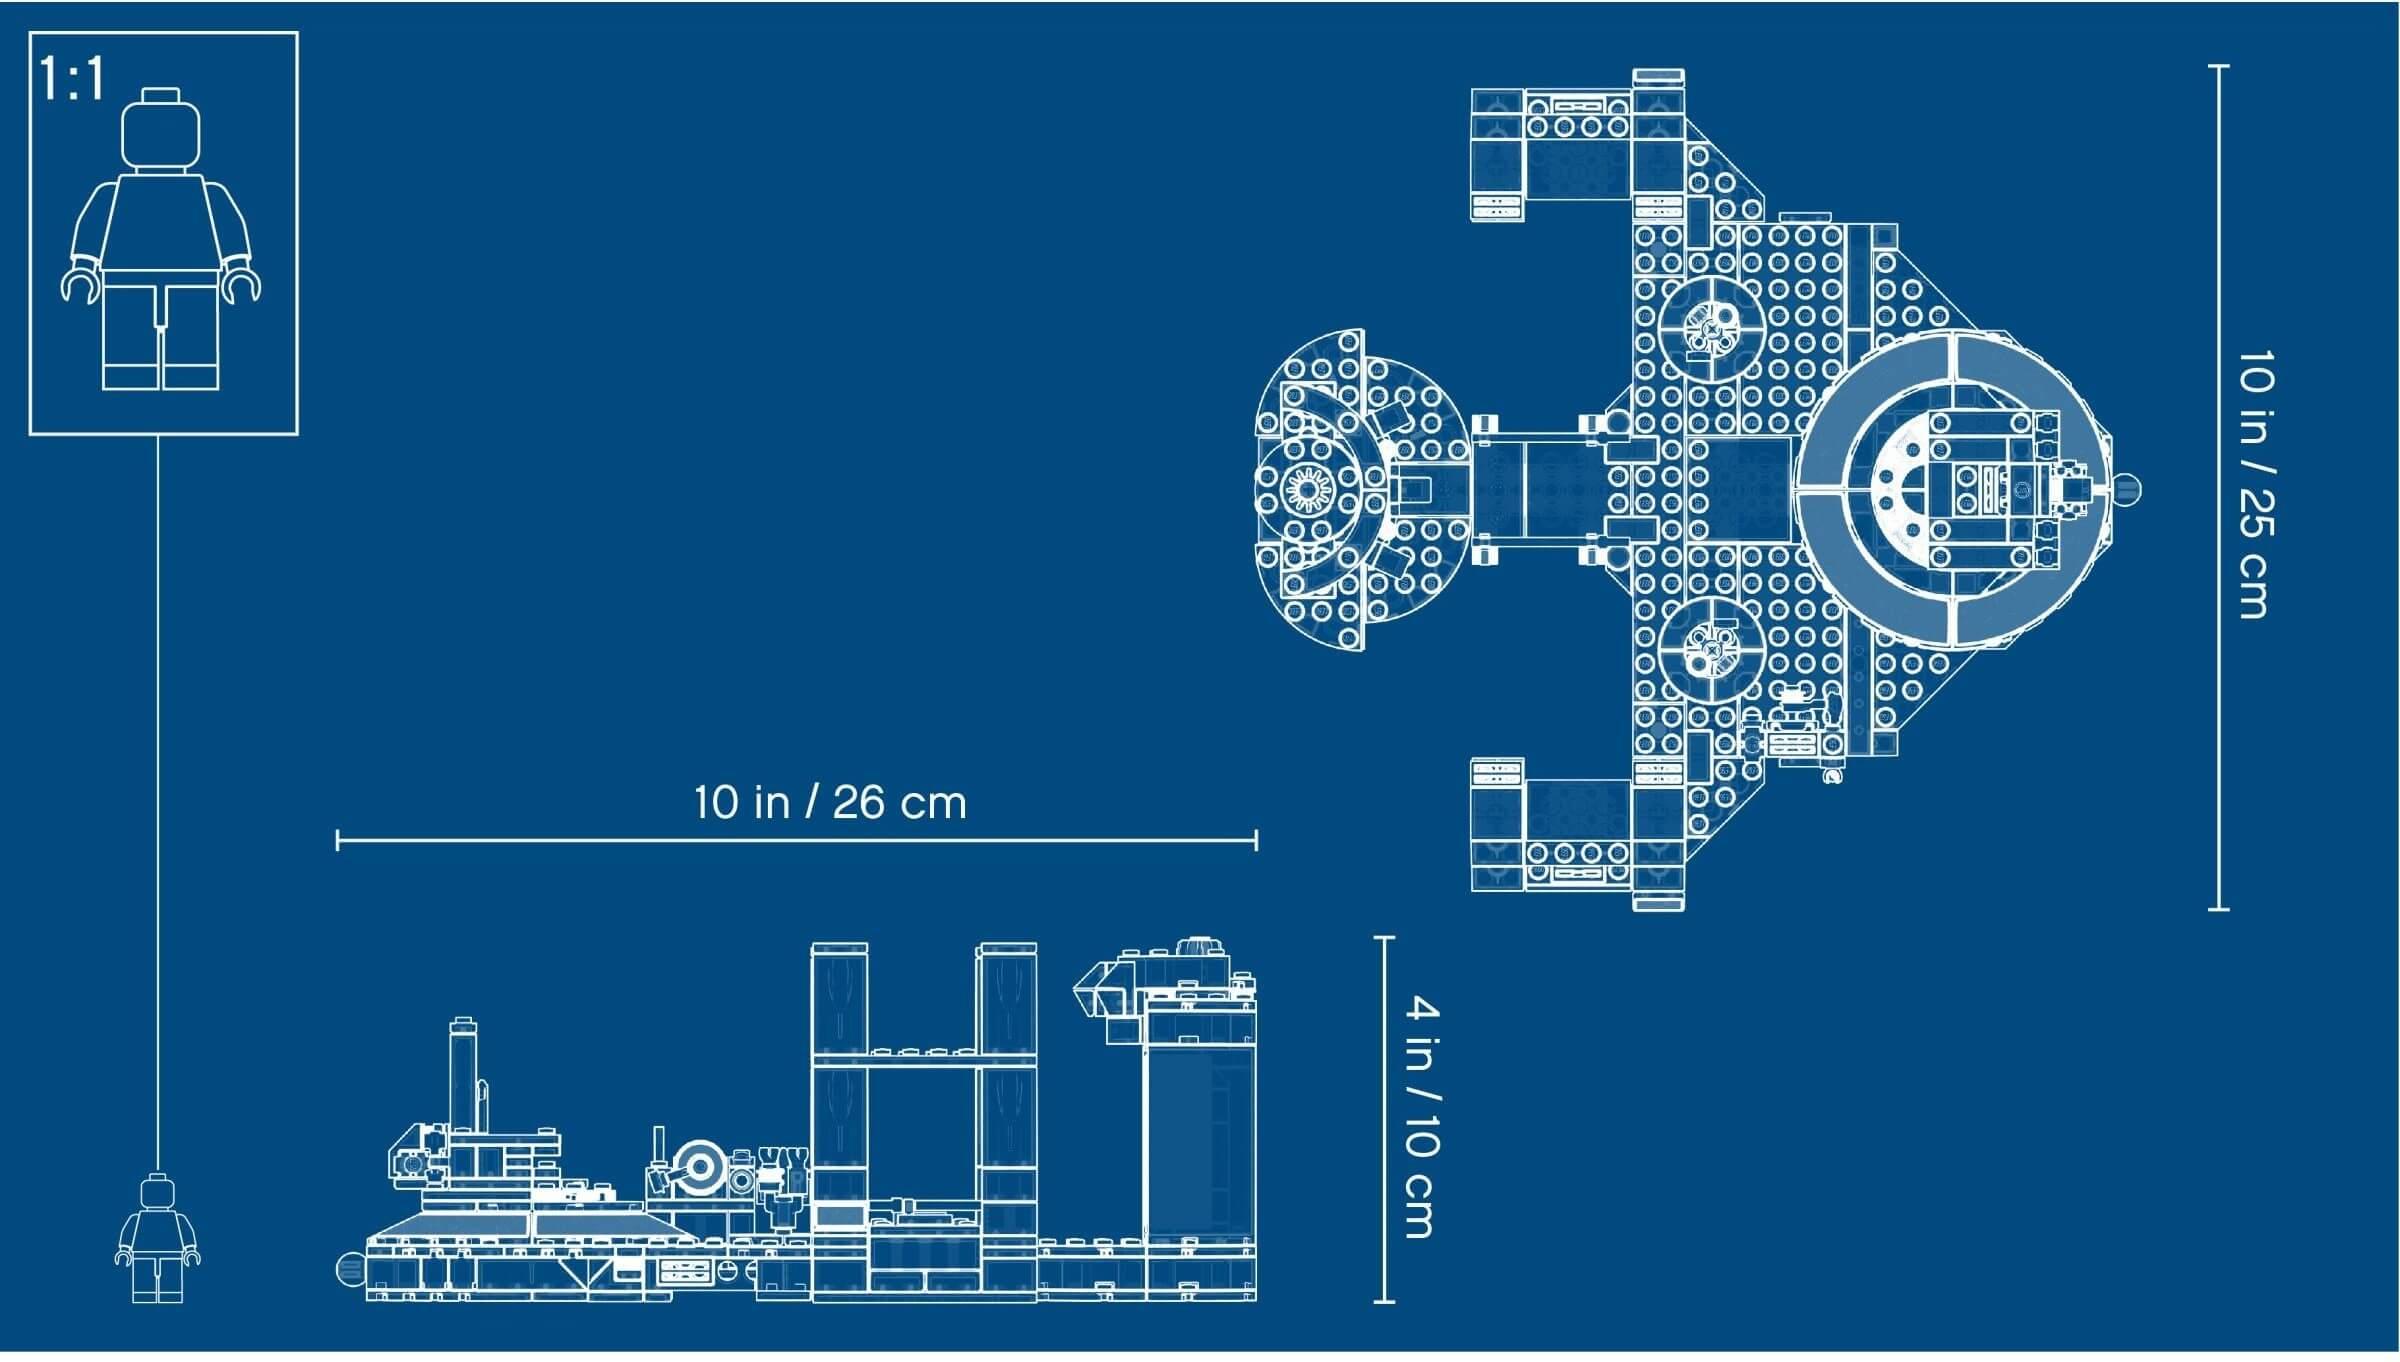 Mua đồ chơi LEGO 75216 - LEGO Star Wars 75216 - Căn phòng Hoàng Gia của Chúa Tể Snoke (LEGO 75216 Snoke's Throne Room)